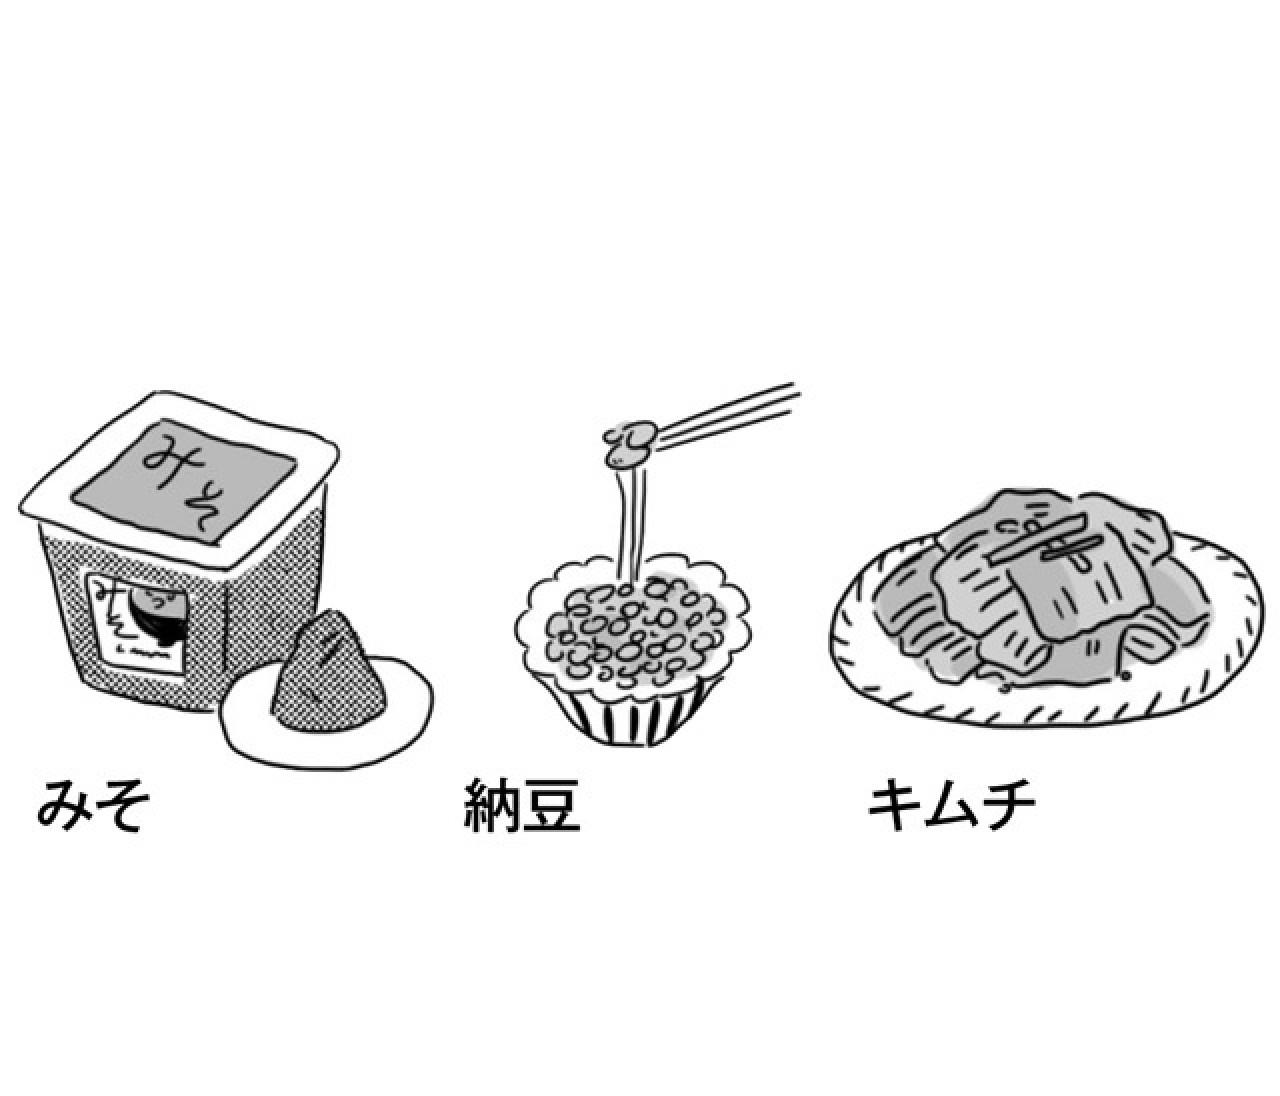 デブ菌を減らす食事&生活習慣とは!?【ヤセないのは腸内デブ菌の仕業②】